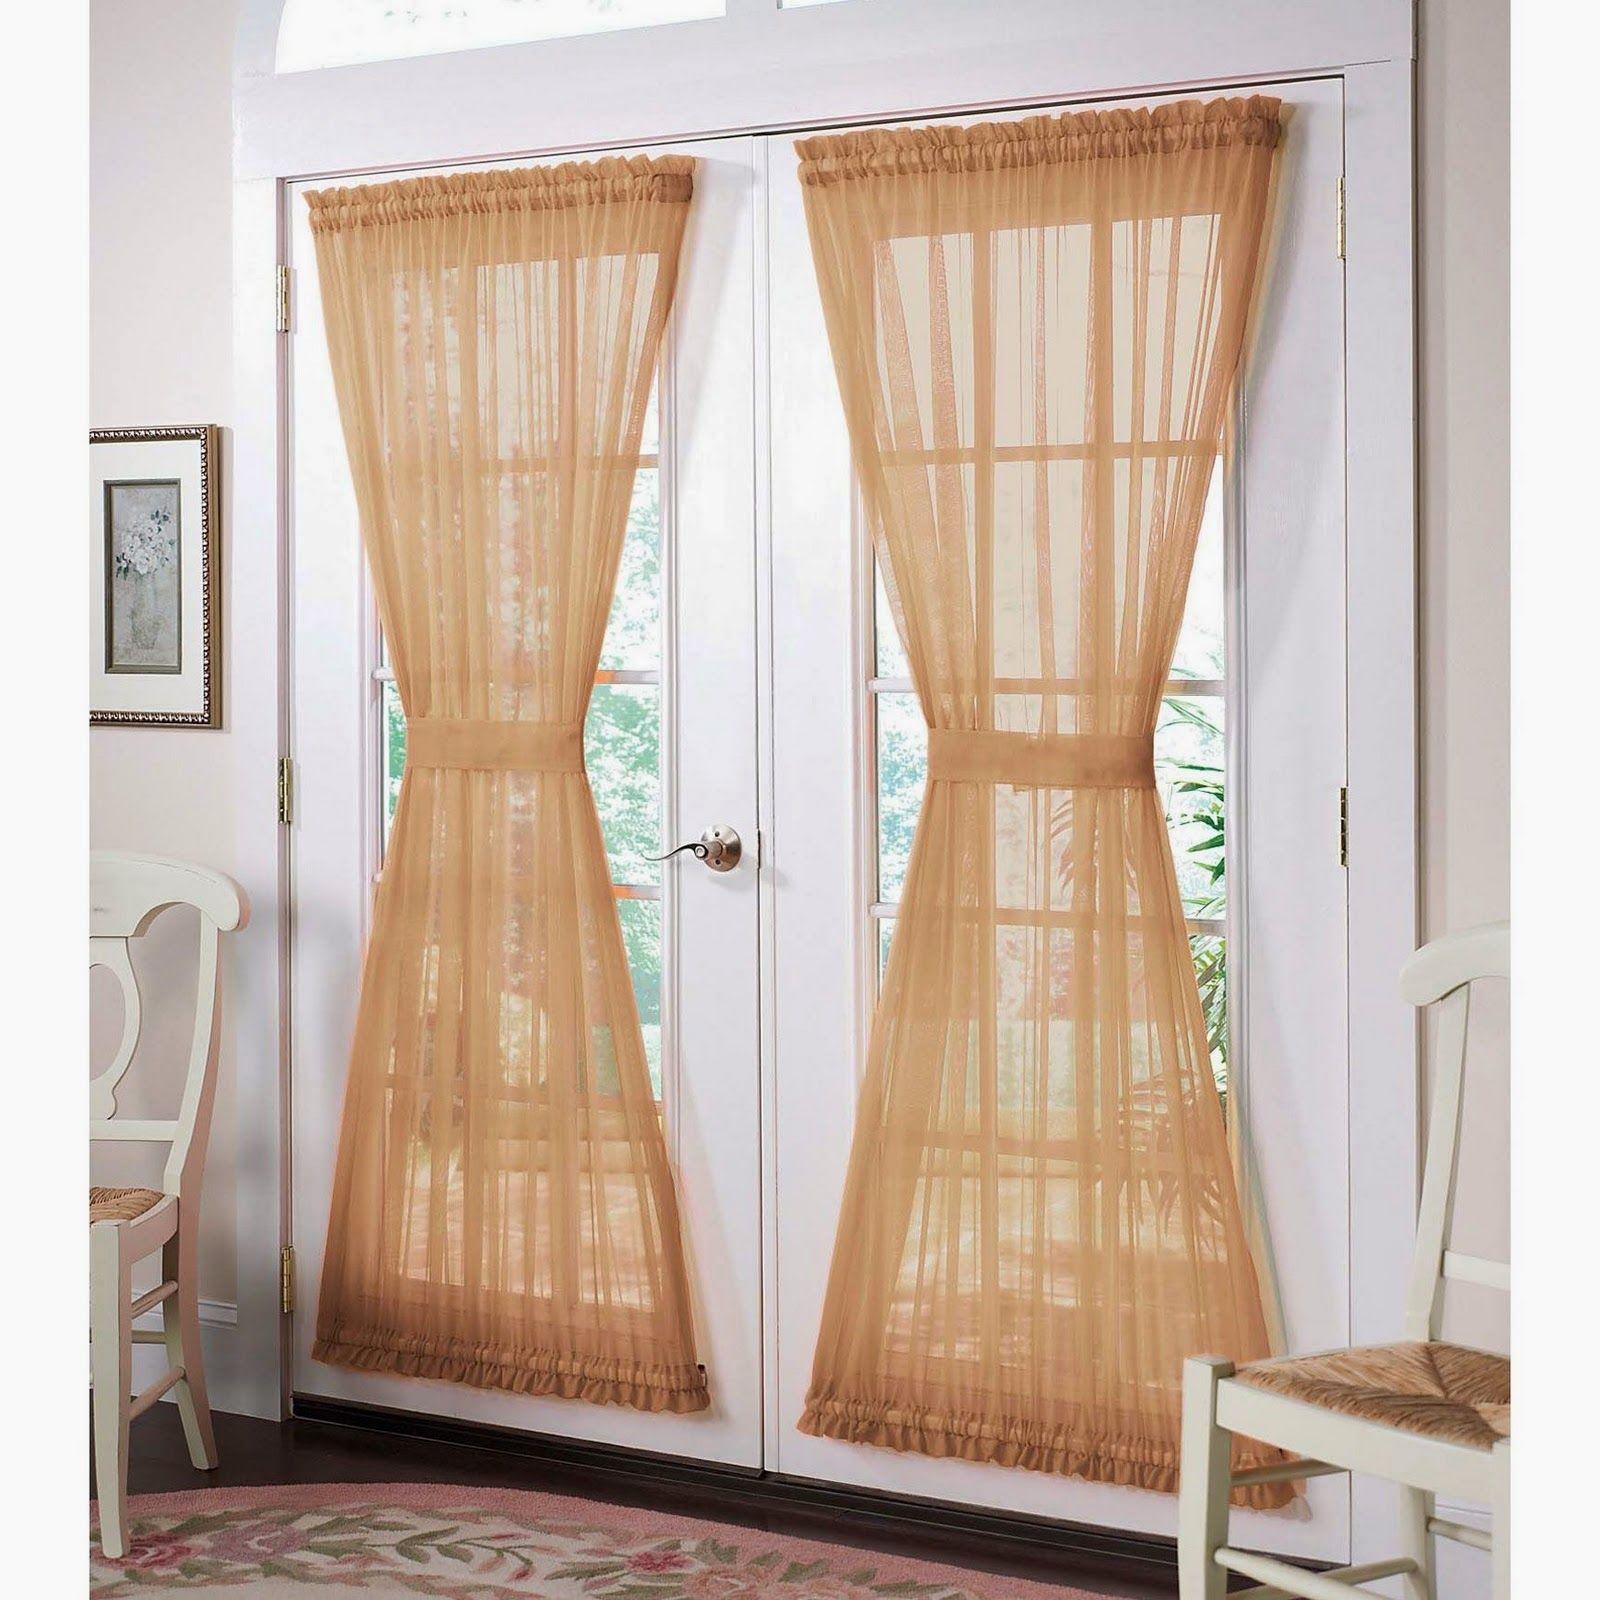 Cortinas veja dicas modelos tecidos e ambientes for Modelos de cortinas